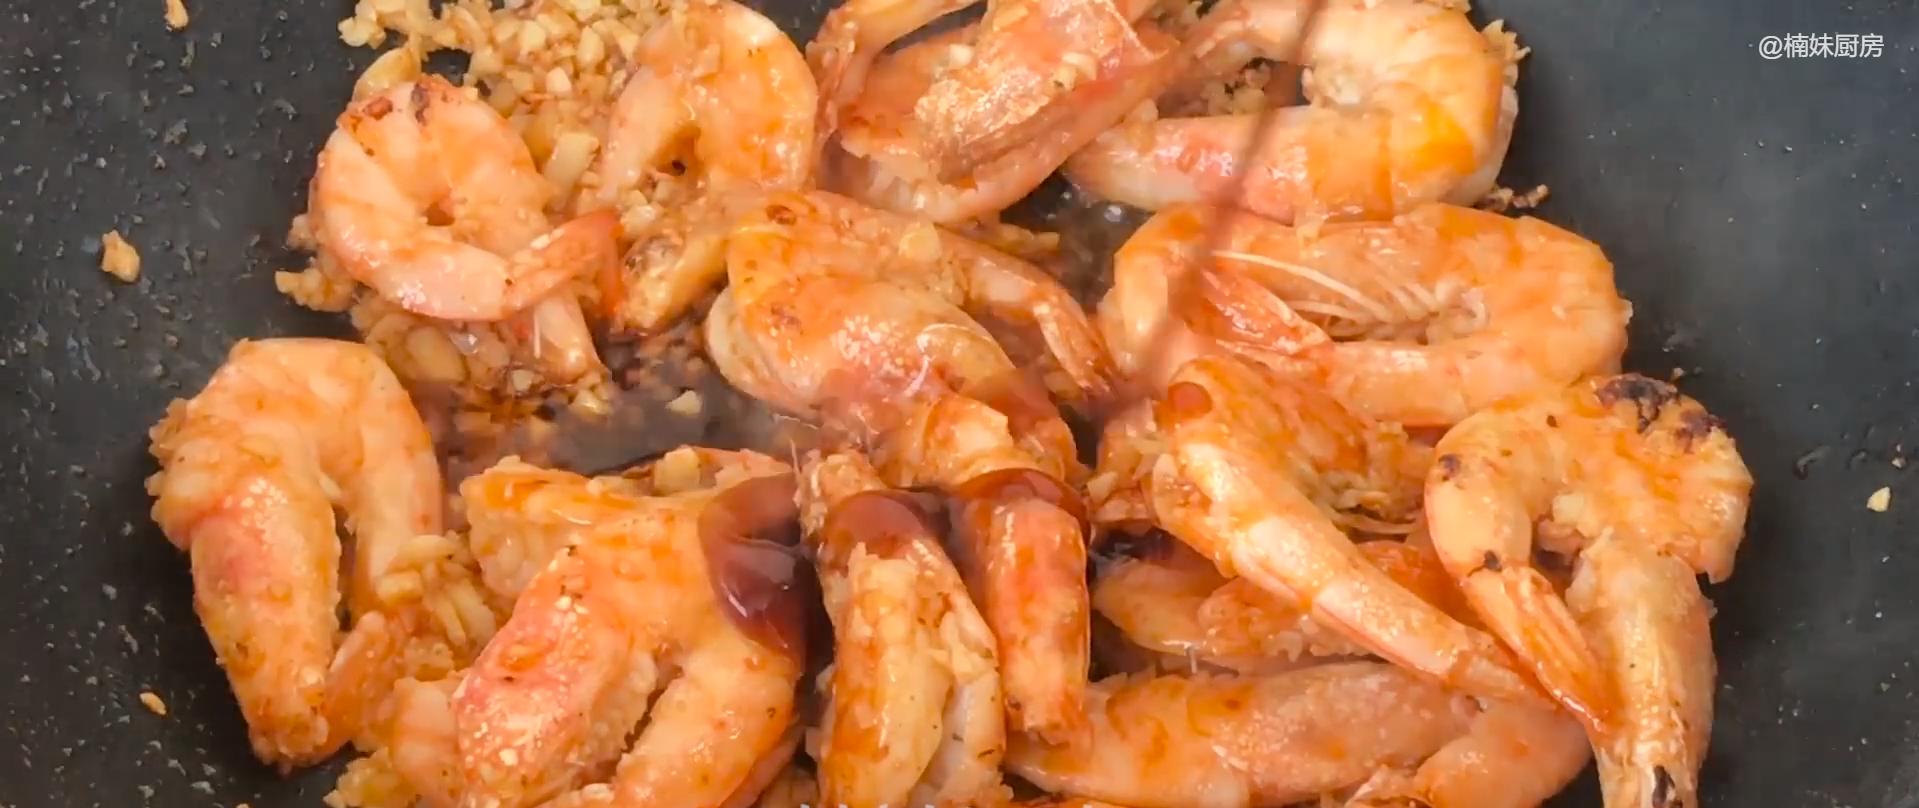 做大虾时,不要直接用水煮,教你正确做法,虾肉鲜嫩入味超好吃 美食做法 第12张